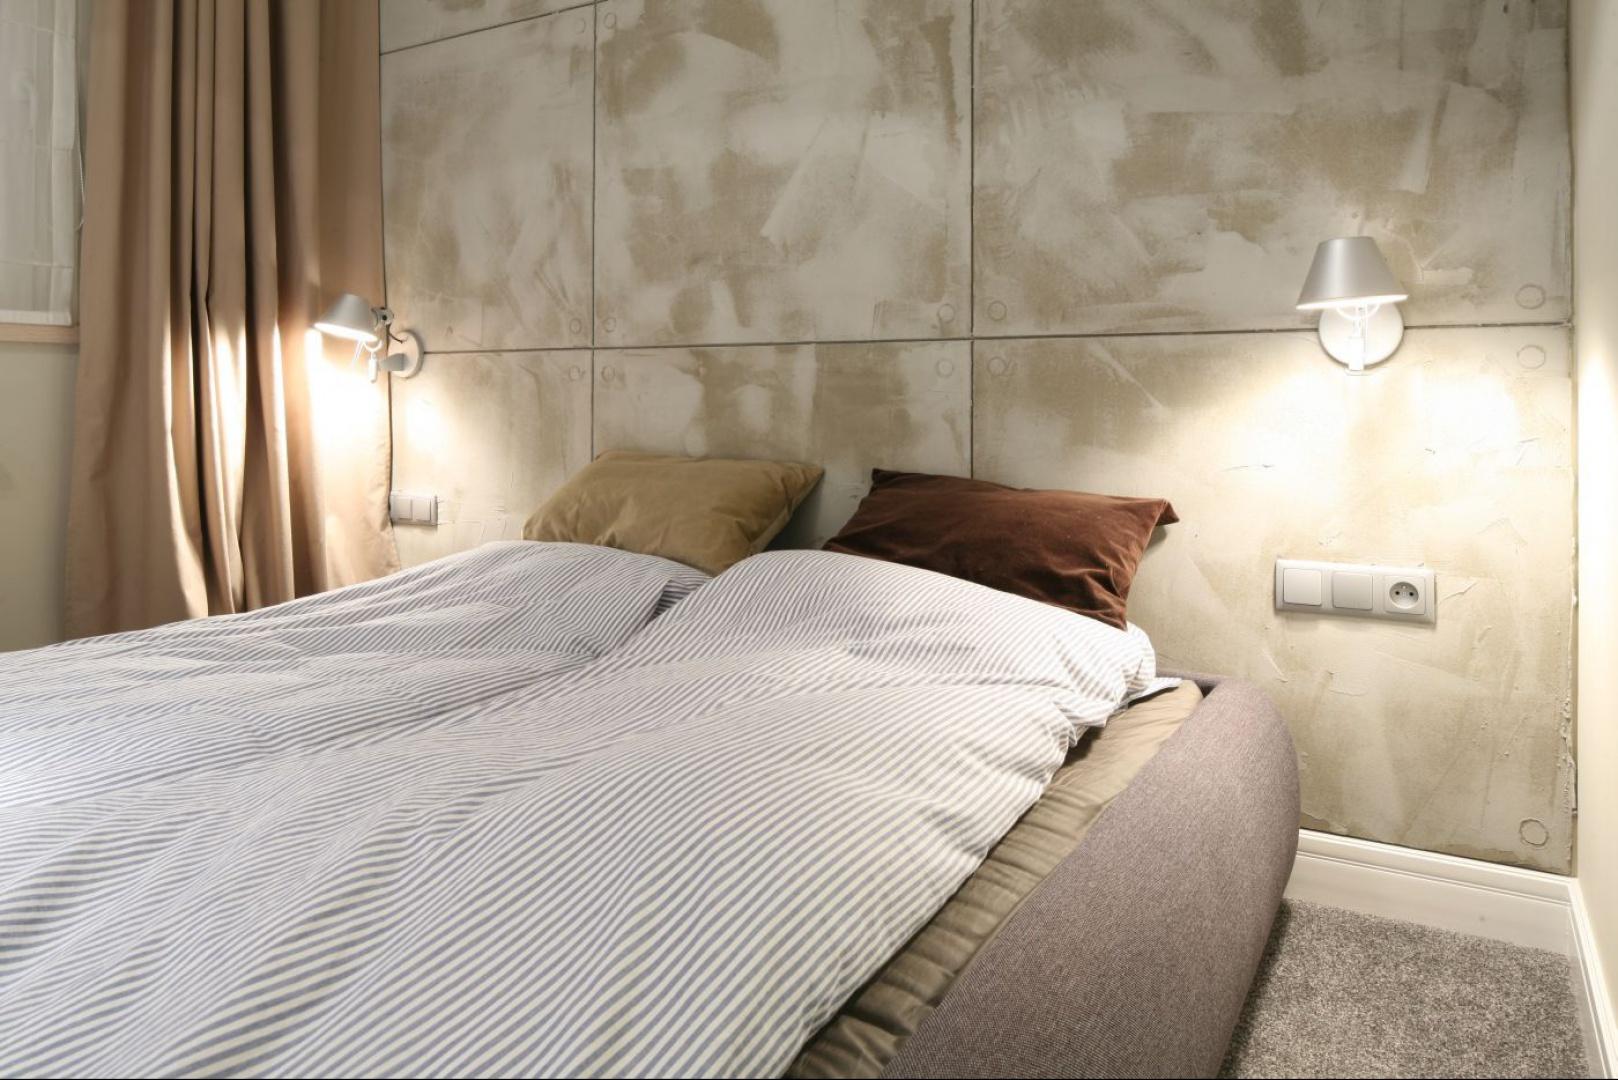 Lampy Lampki Kinkiety Pomysły Na Oświetlenie Sypialni